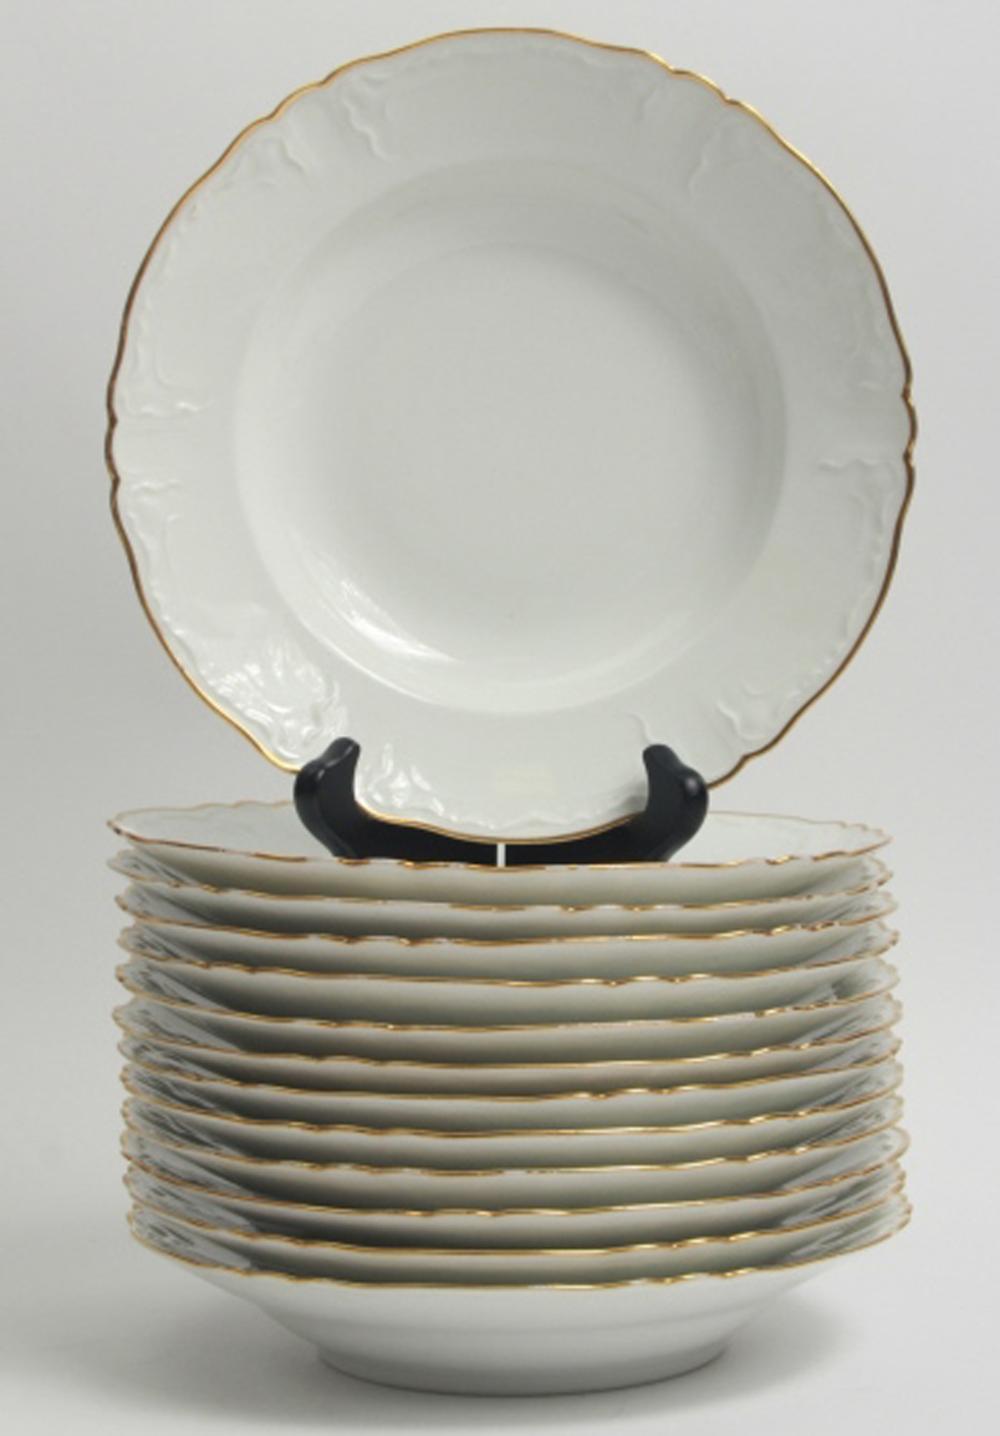 13 Haviland Limoges Porcelain Soup Bowls